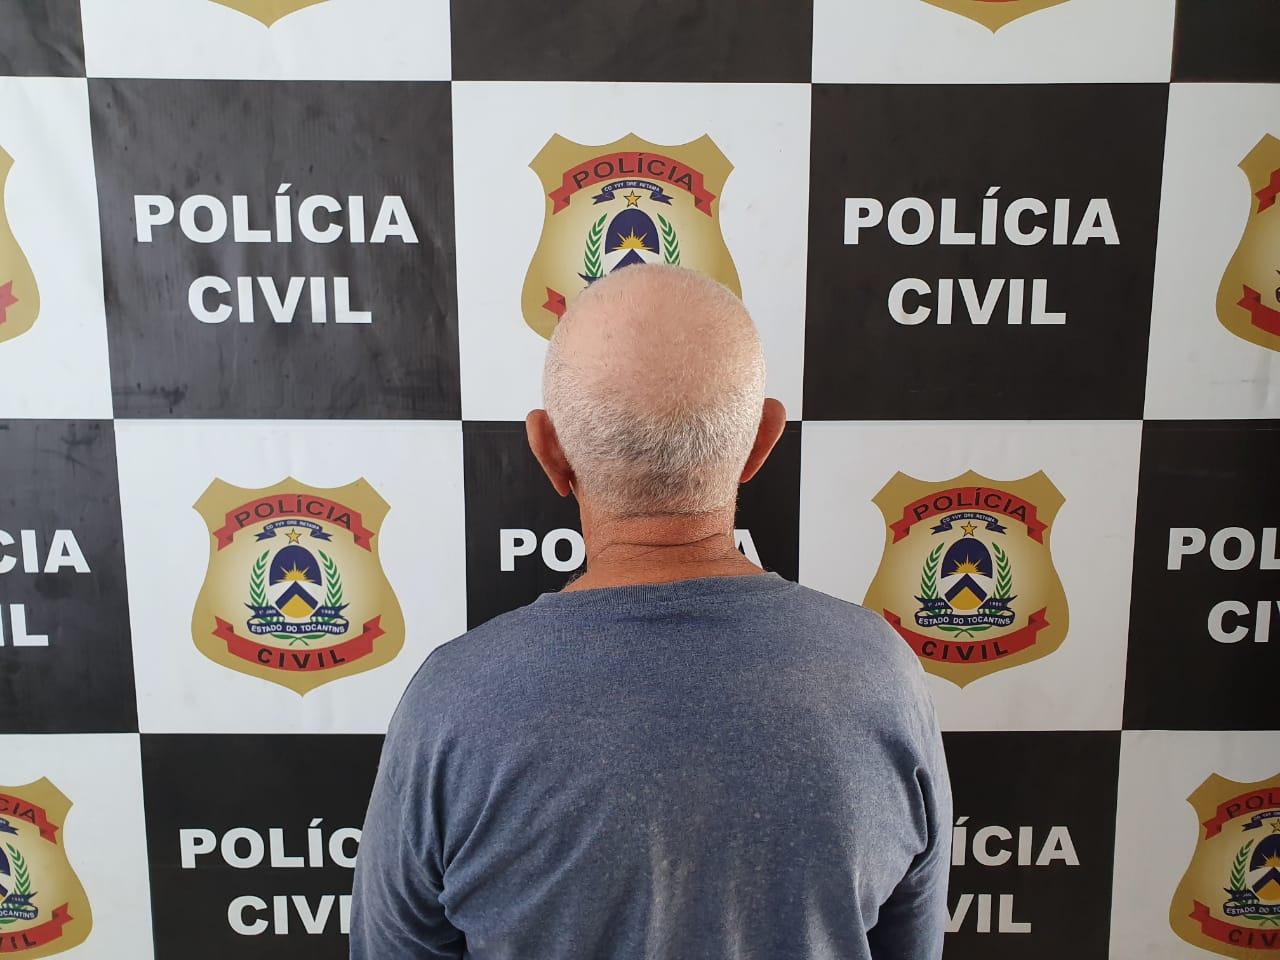 Foragido da Justiça de Pernambuco por crime cometido há 23 anos é preso pela Polícia Civil em Gurupi